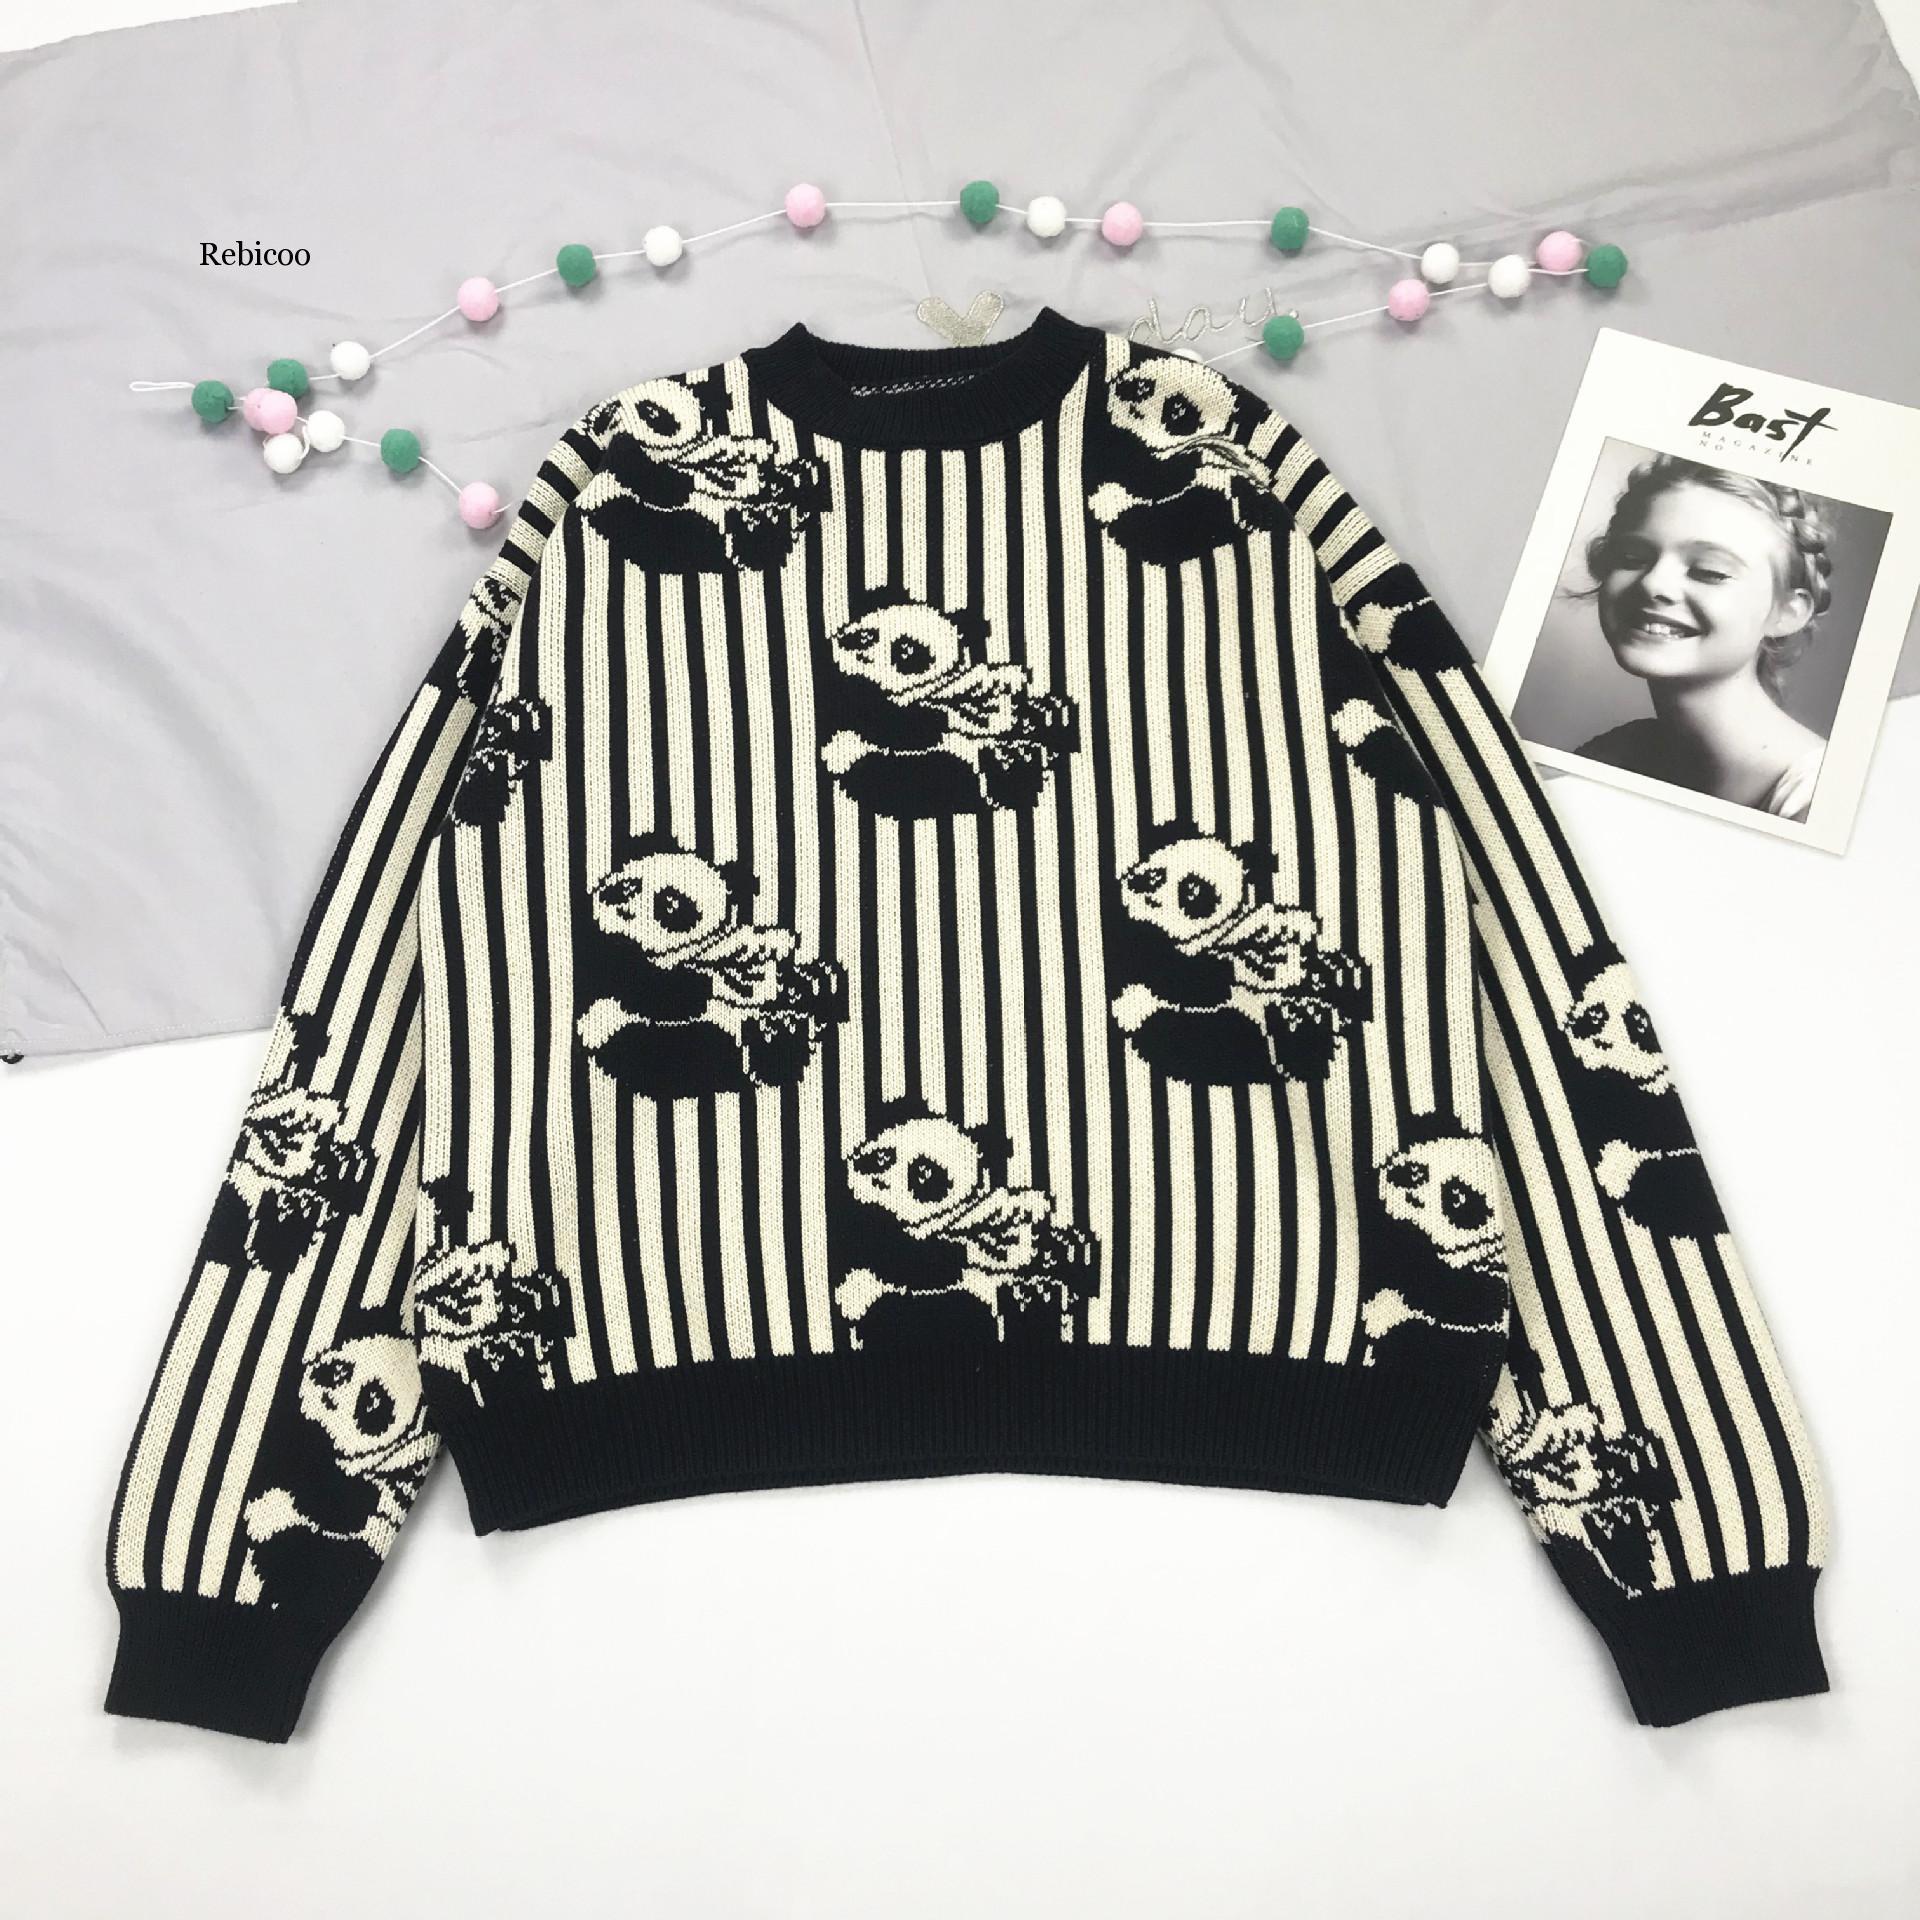 Camisola de malha de panda feminina preto branco despojado pulôvers de manga longa cair, suéteres de inverno meninas bonitos